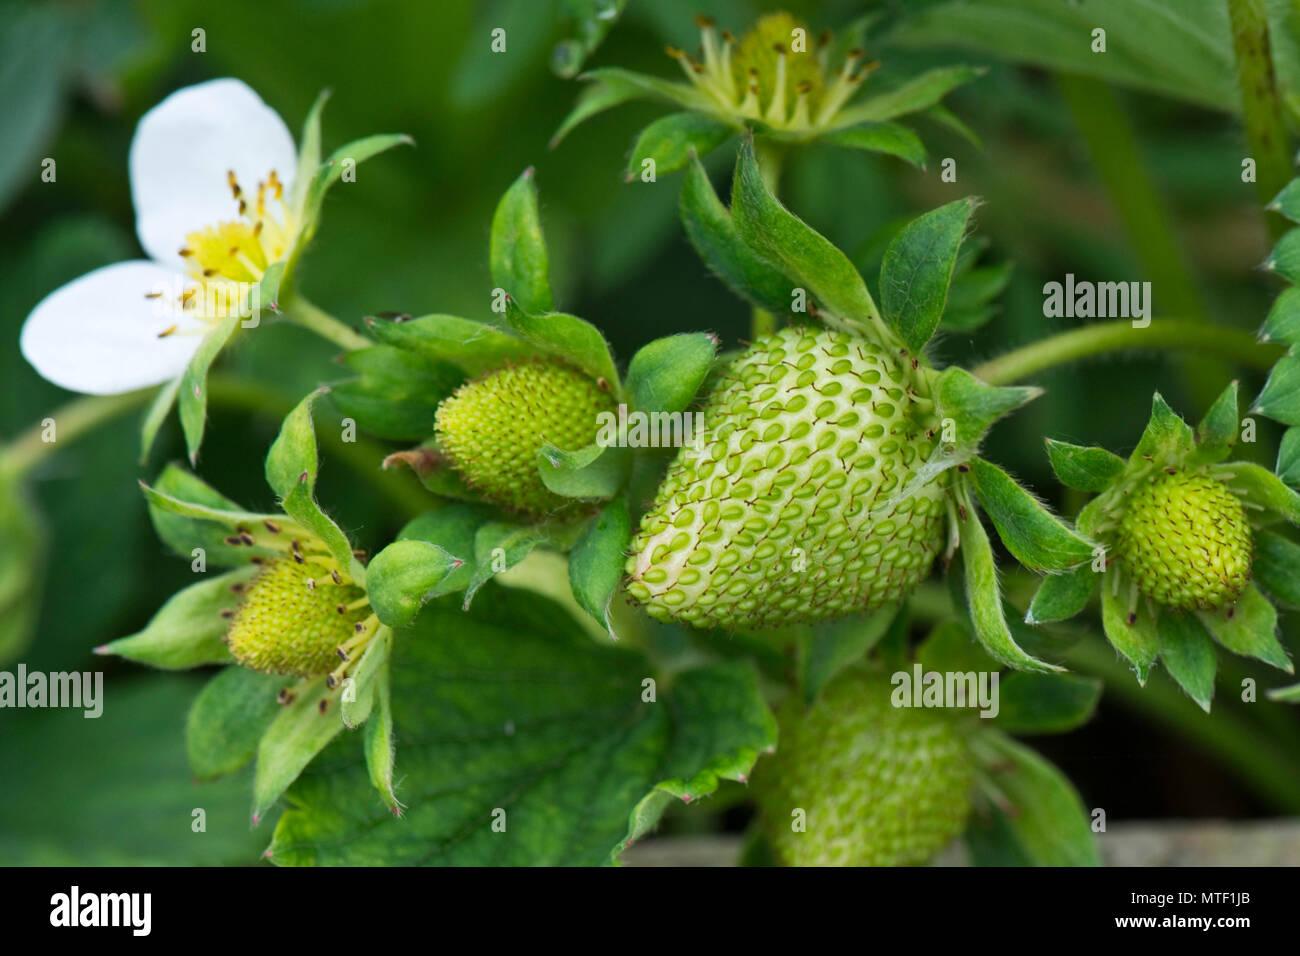 Flores y fresas verdes verdes con frutos de diversos tamaños y etapas de desarrollo entre hojas Imagen De Stock